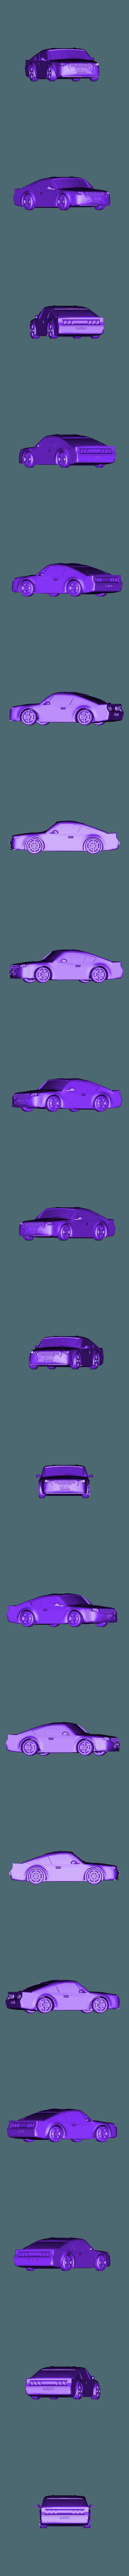 car1_.stl Télécharger fichier STL gratuit Ford Mustang • Plan imprimable en 3D, sammy3